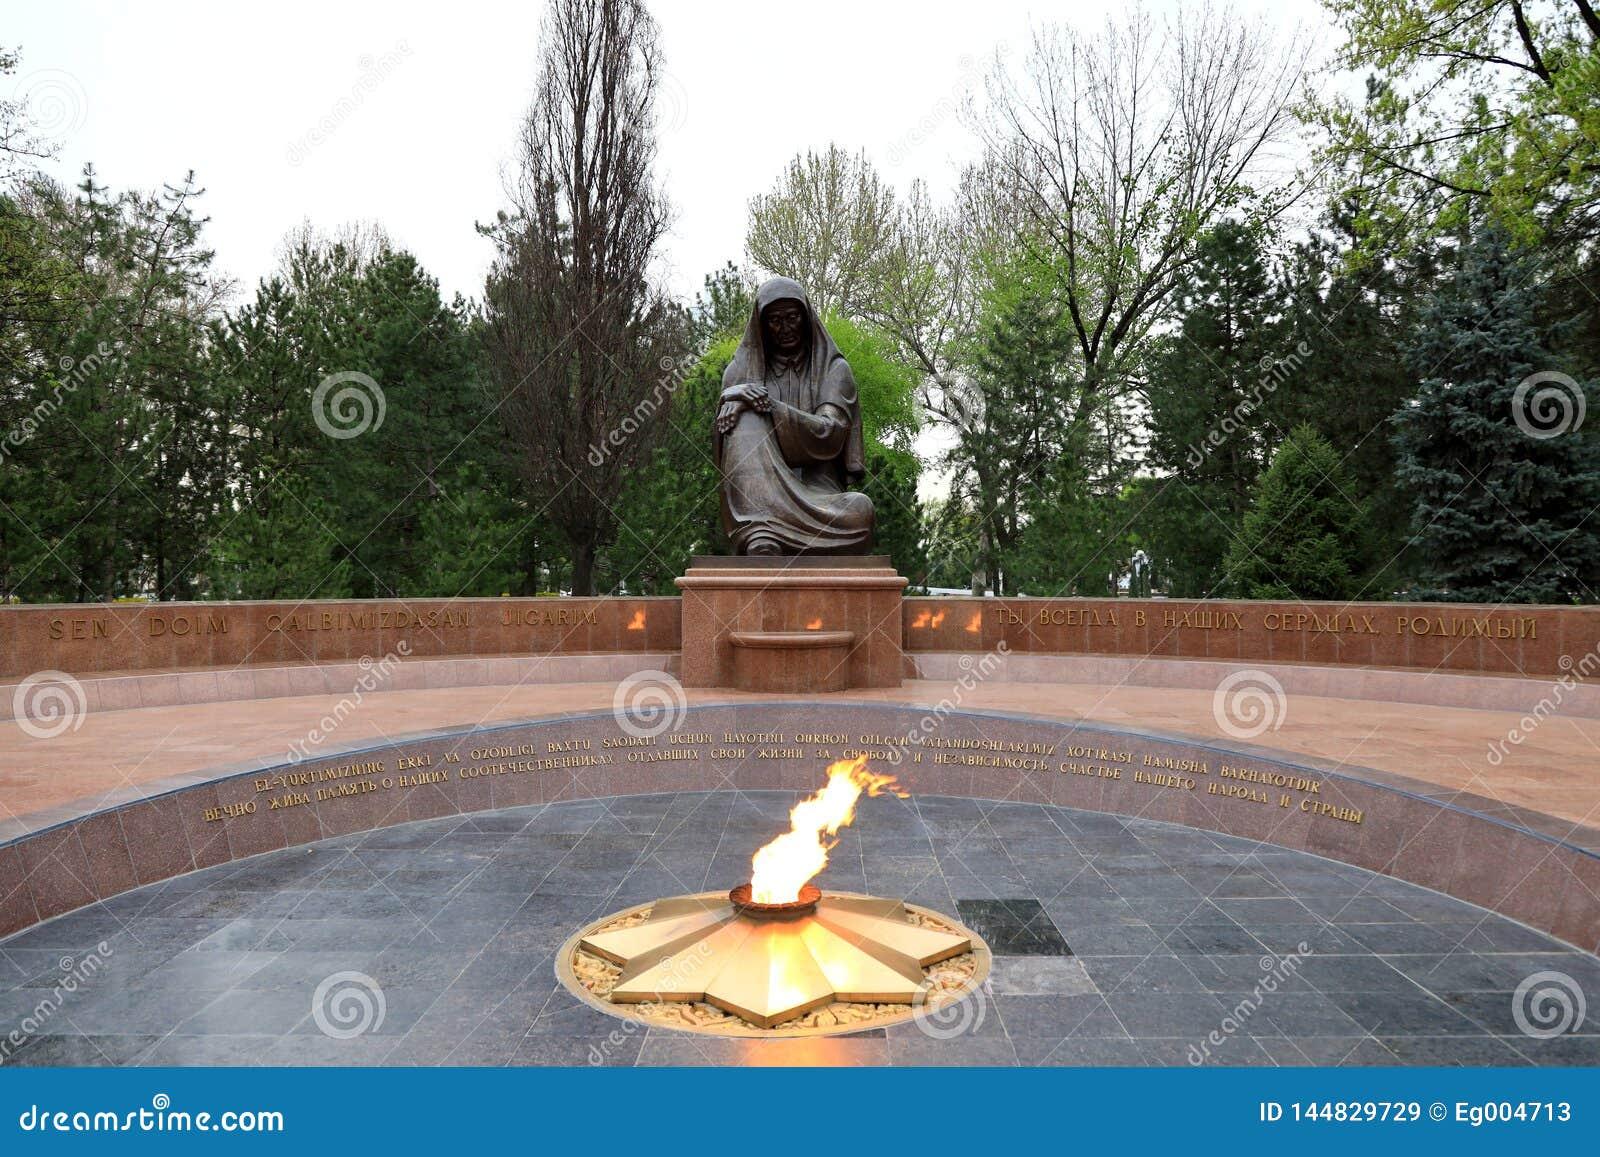 Tumba del soldado desconocido; Tashkent; Uzbekist?n